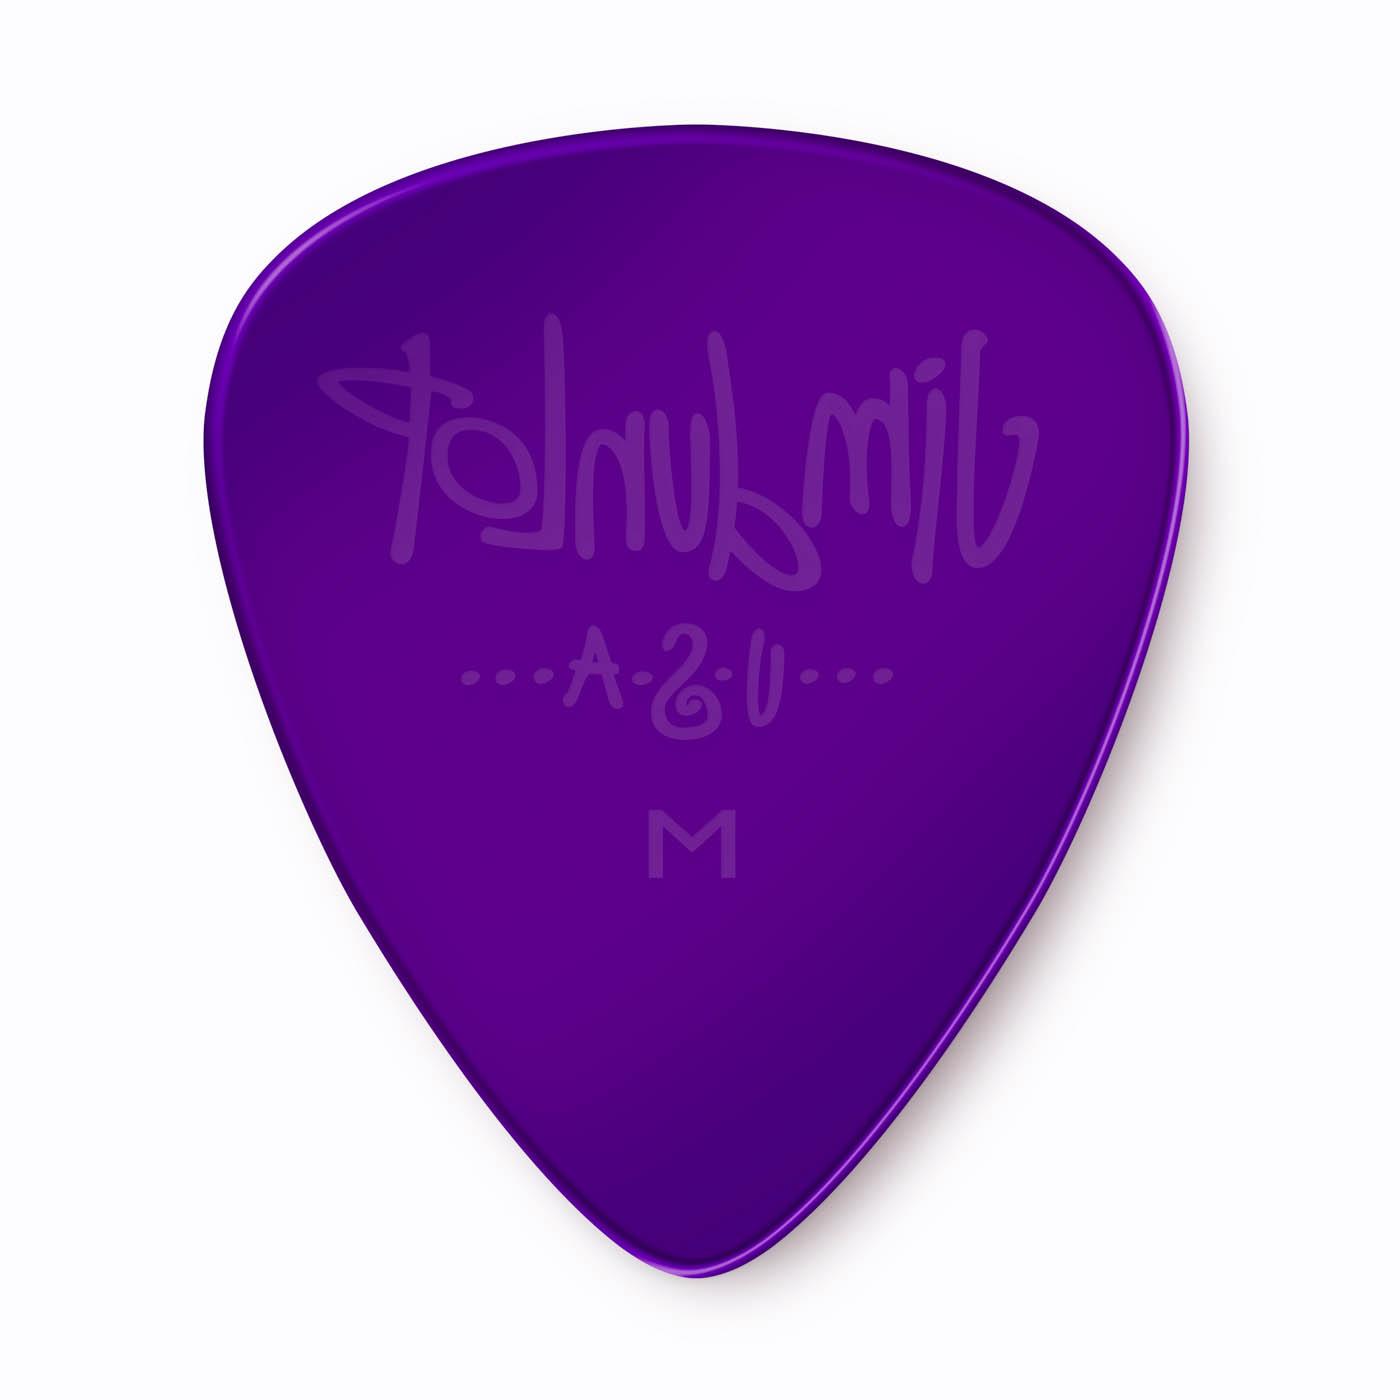 Dunlop - Gels Standard medium, violet